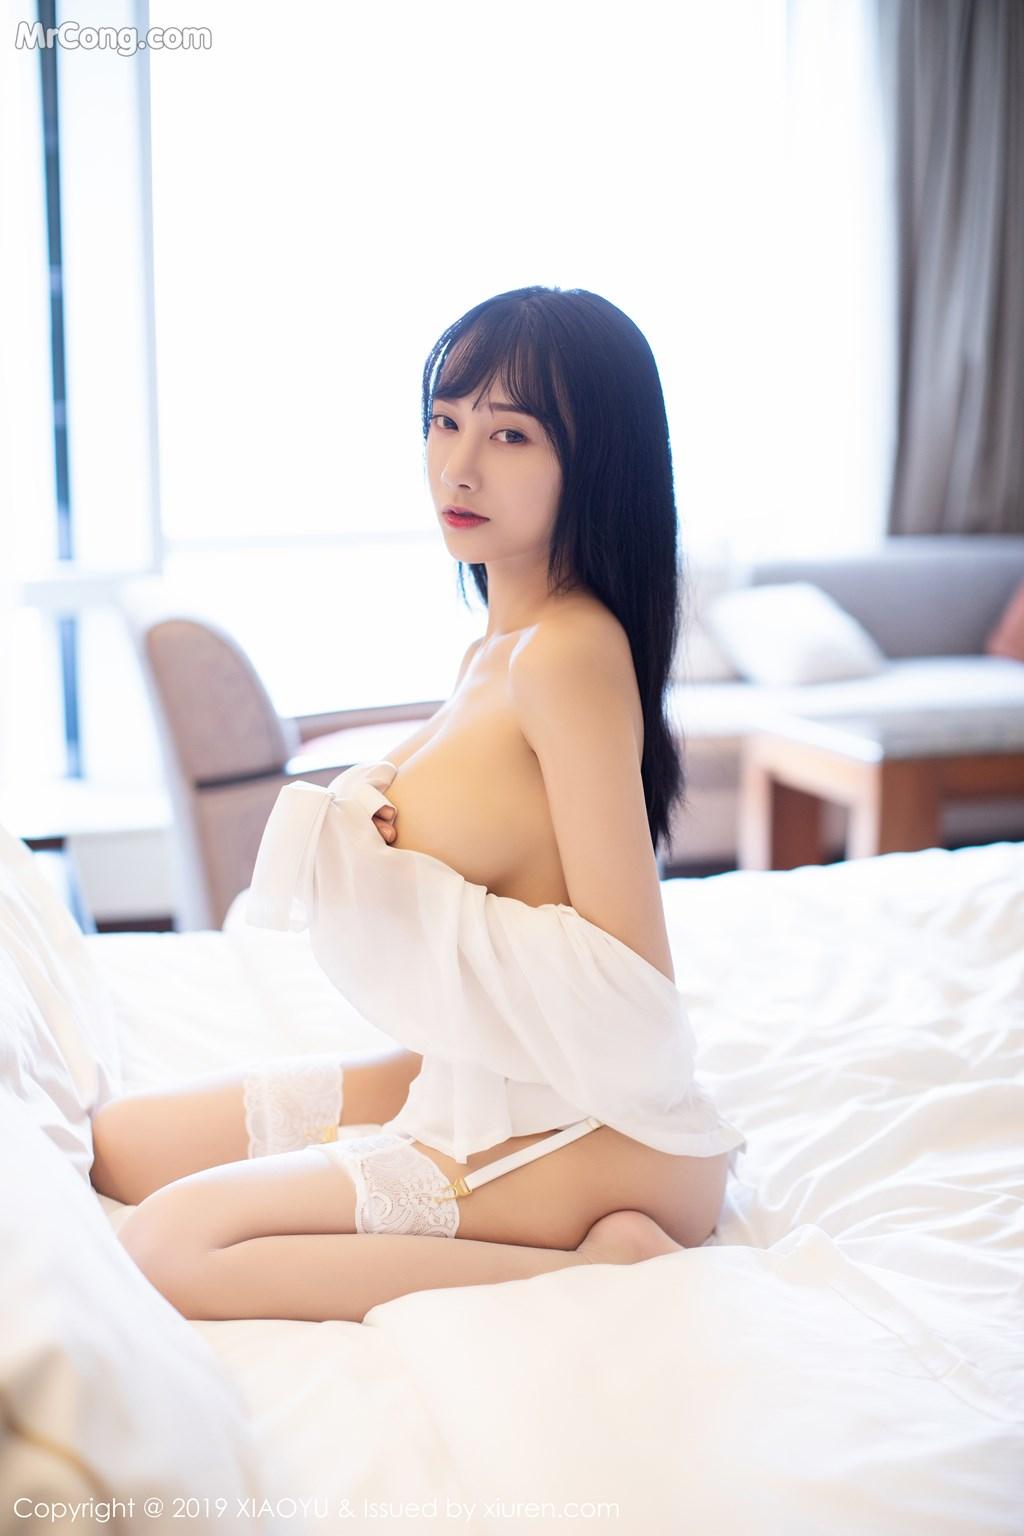 Image XiaoYu-Vol.076-He-Jia-Ying-MrCong.com-069 in post XiaoYu Vol.076: He Jia Ying (何嘉颖) (72 ảnh)